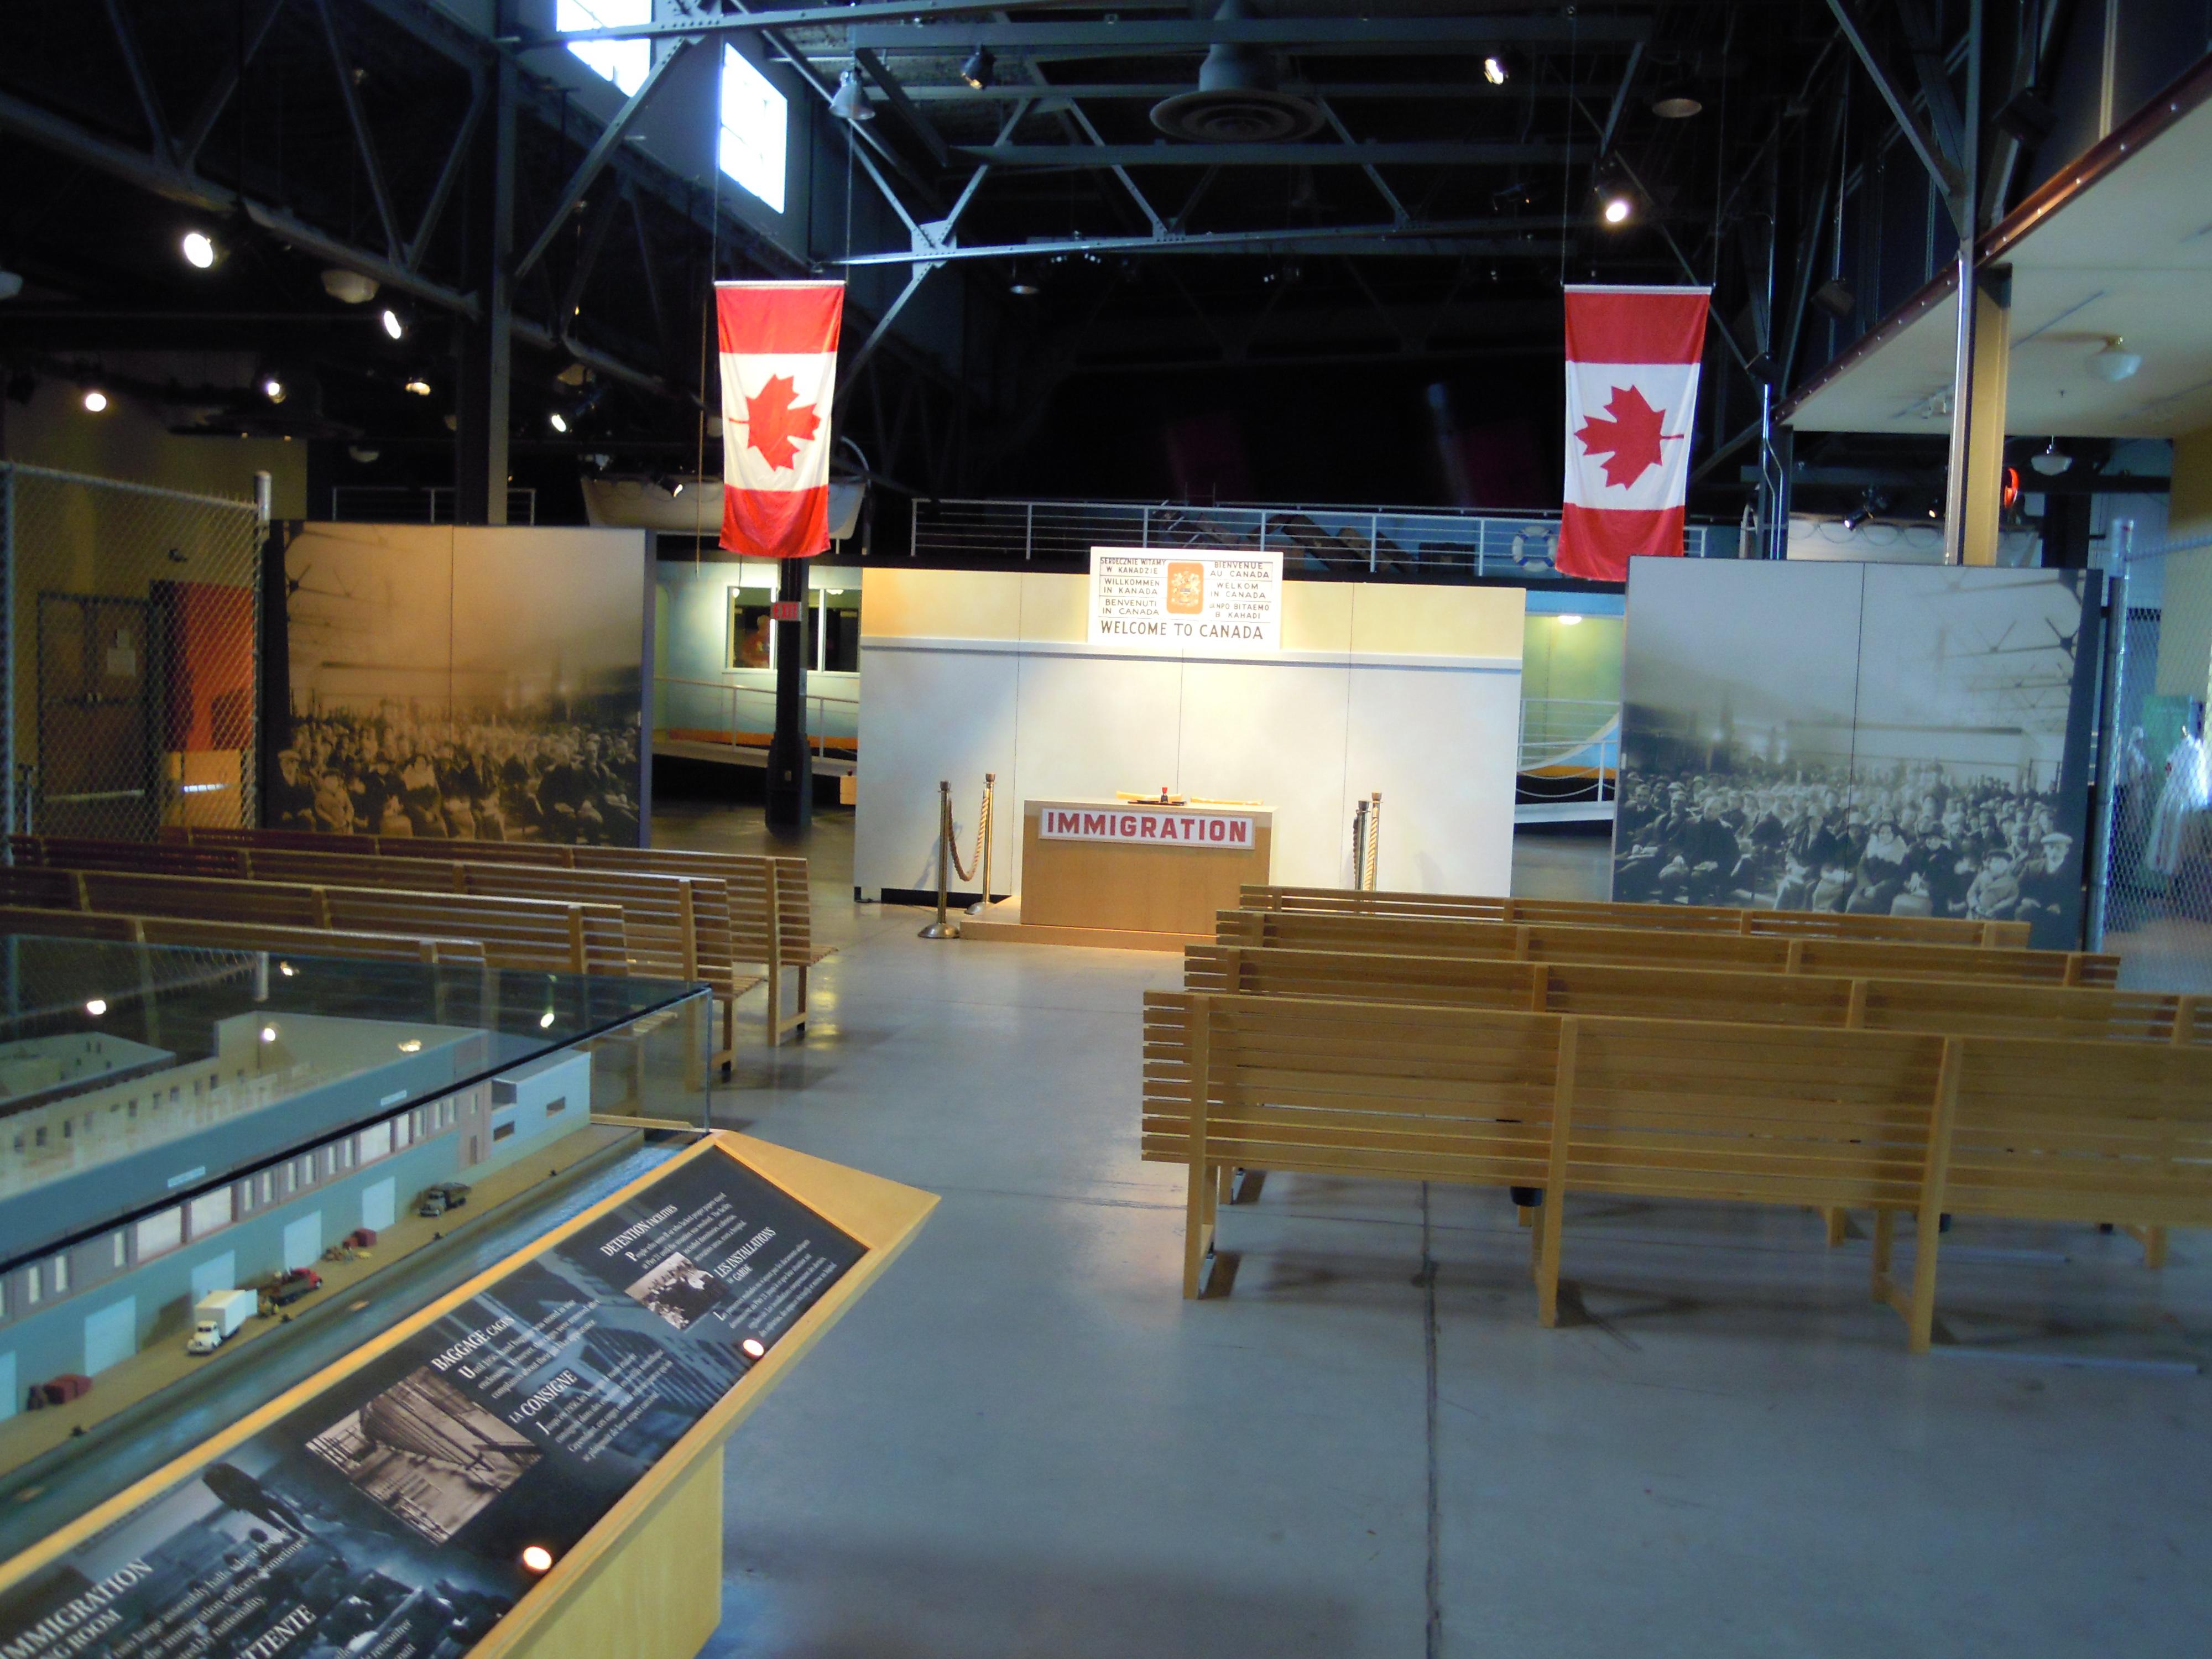 Blog Nova Scotia Pier 21 No Longer A National Historic Site